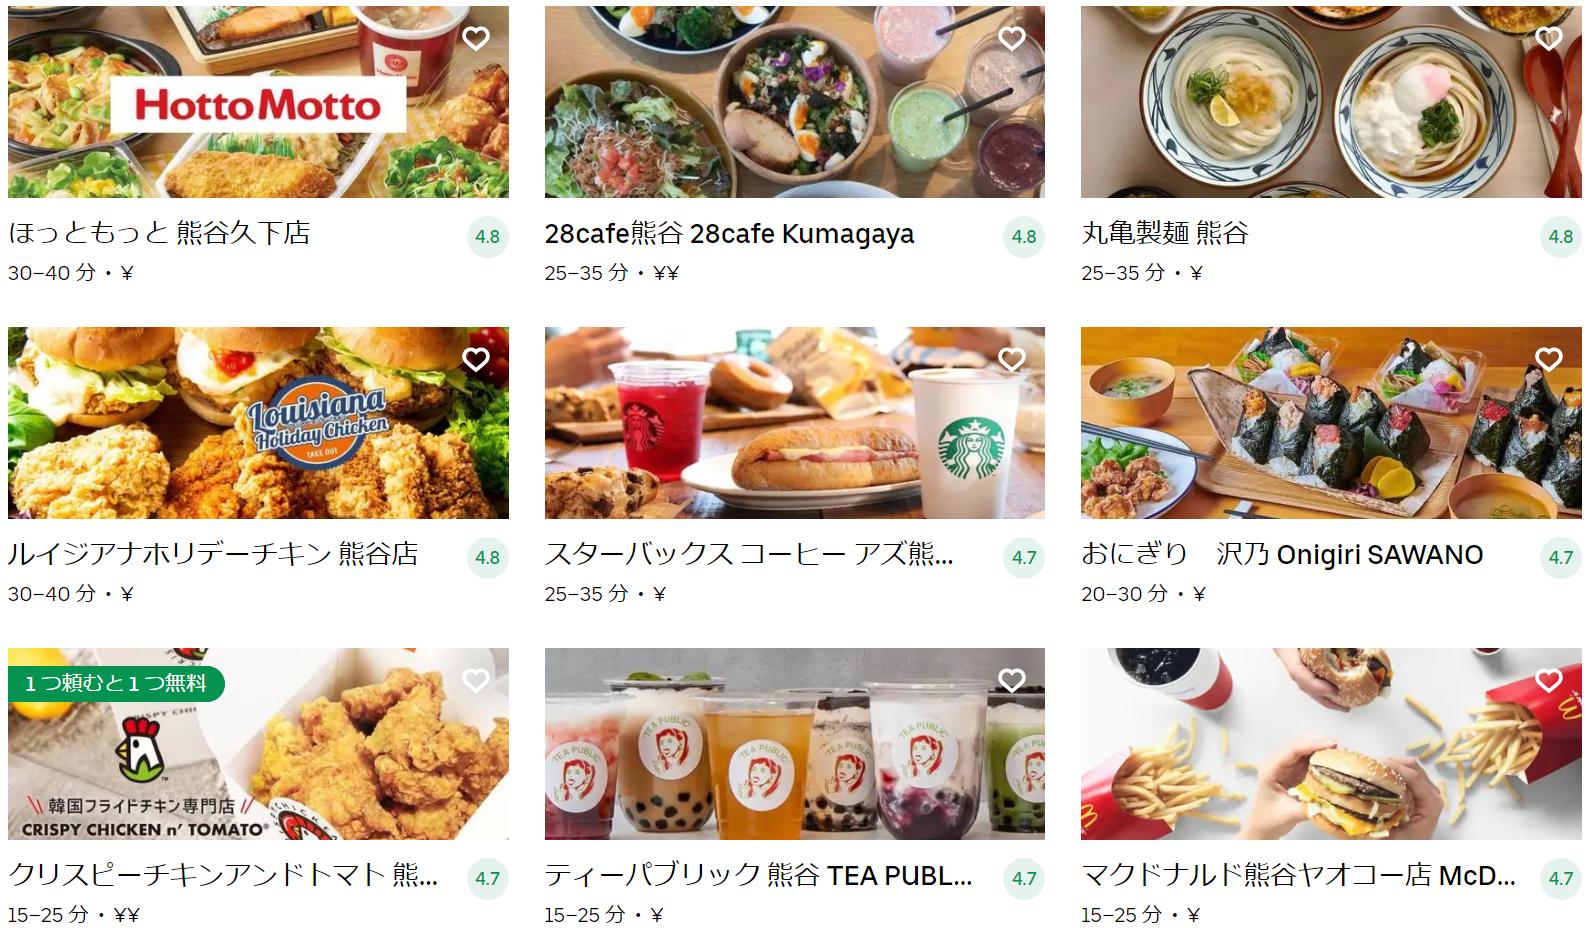 熊谷市エリアのおすすめUber Eats(ウーバーイーツ)メニュー